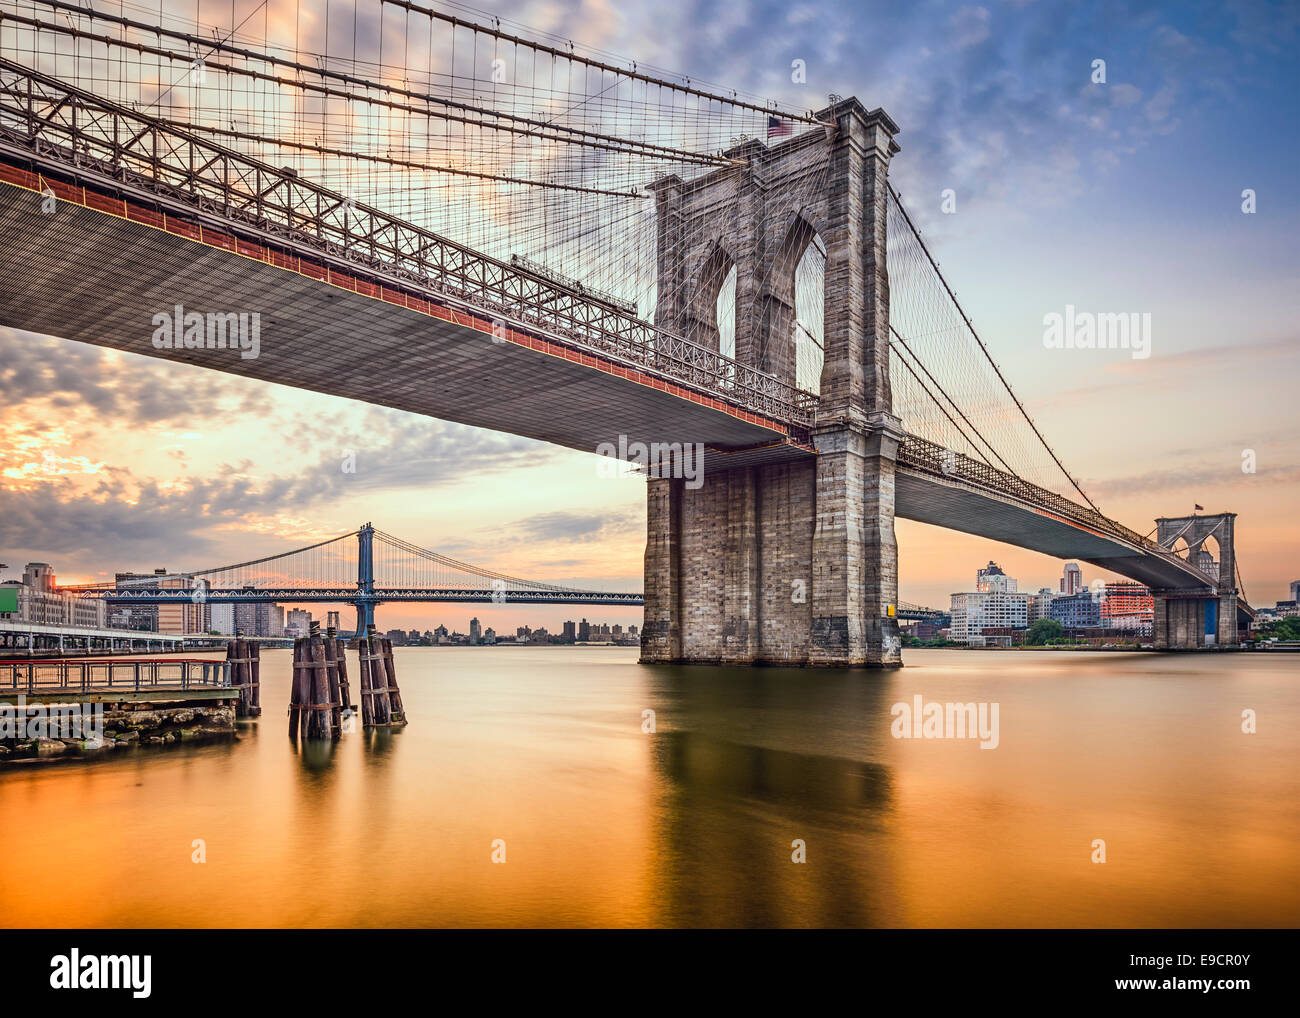 Puente de Brooklyn en Nueva York, EE.UU. al amanecer. Imagen De Stock